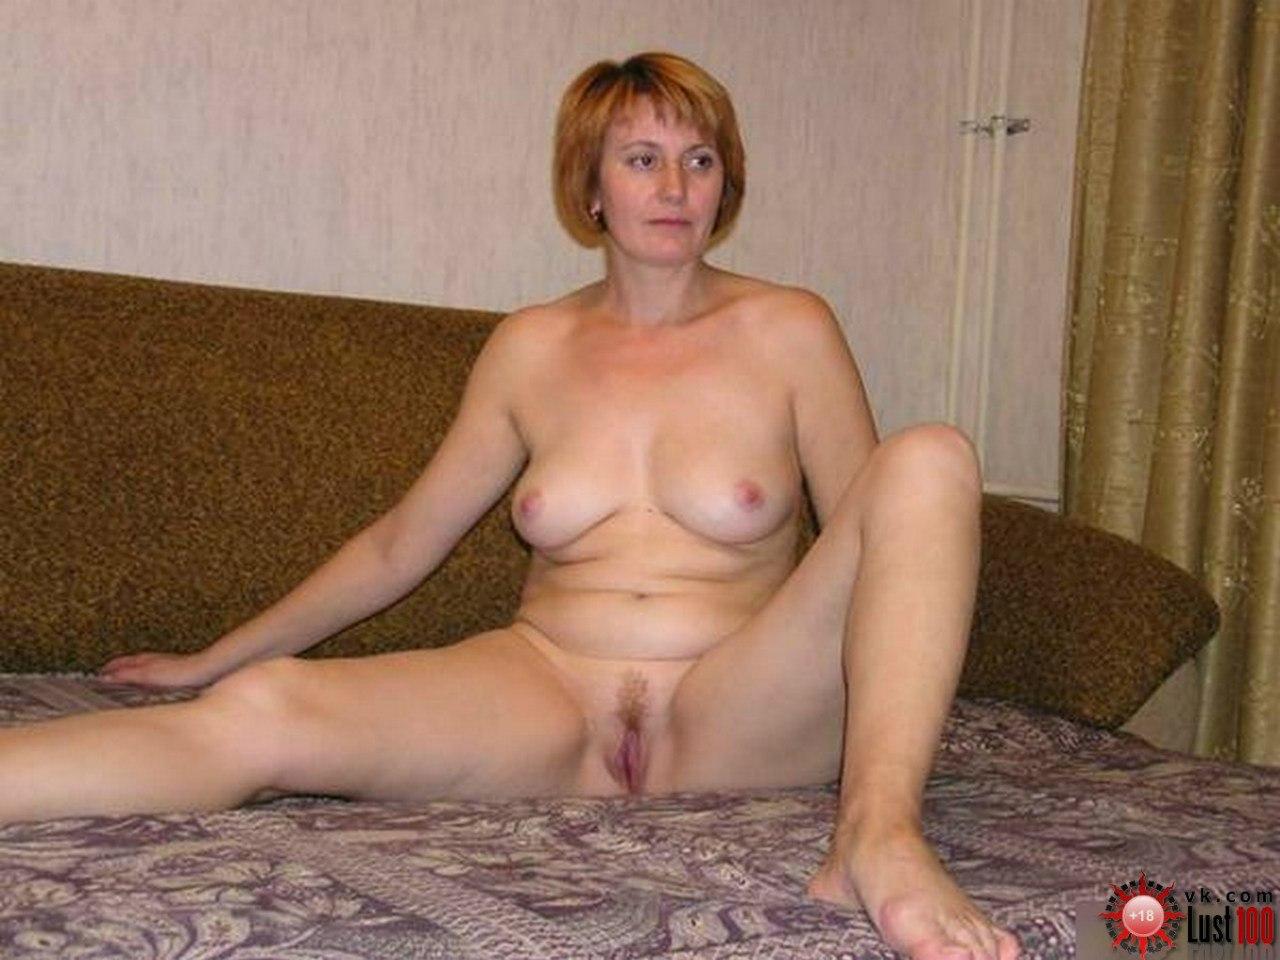 Смотреть фото голых женщин возраст 30 40 13 фотография